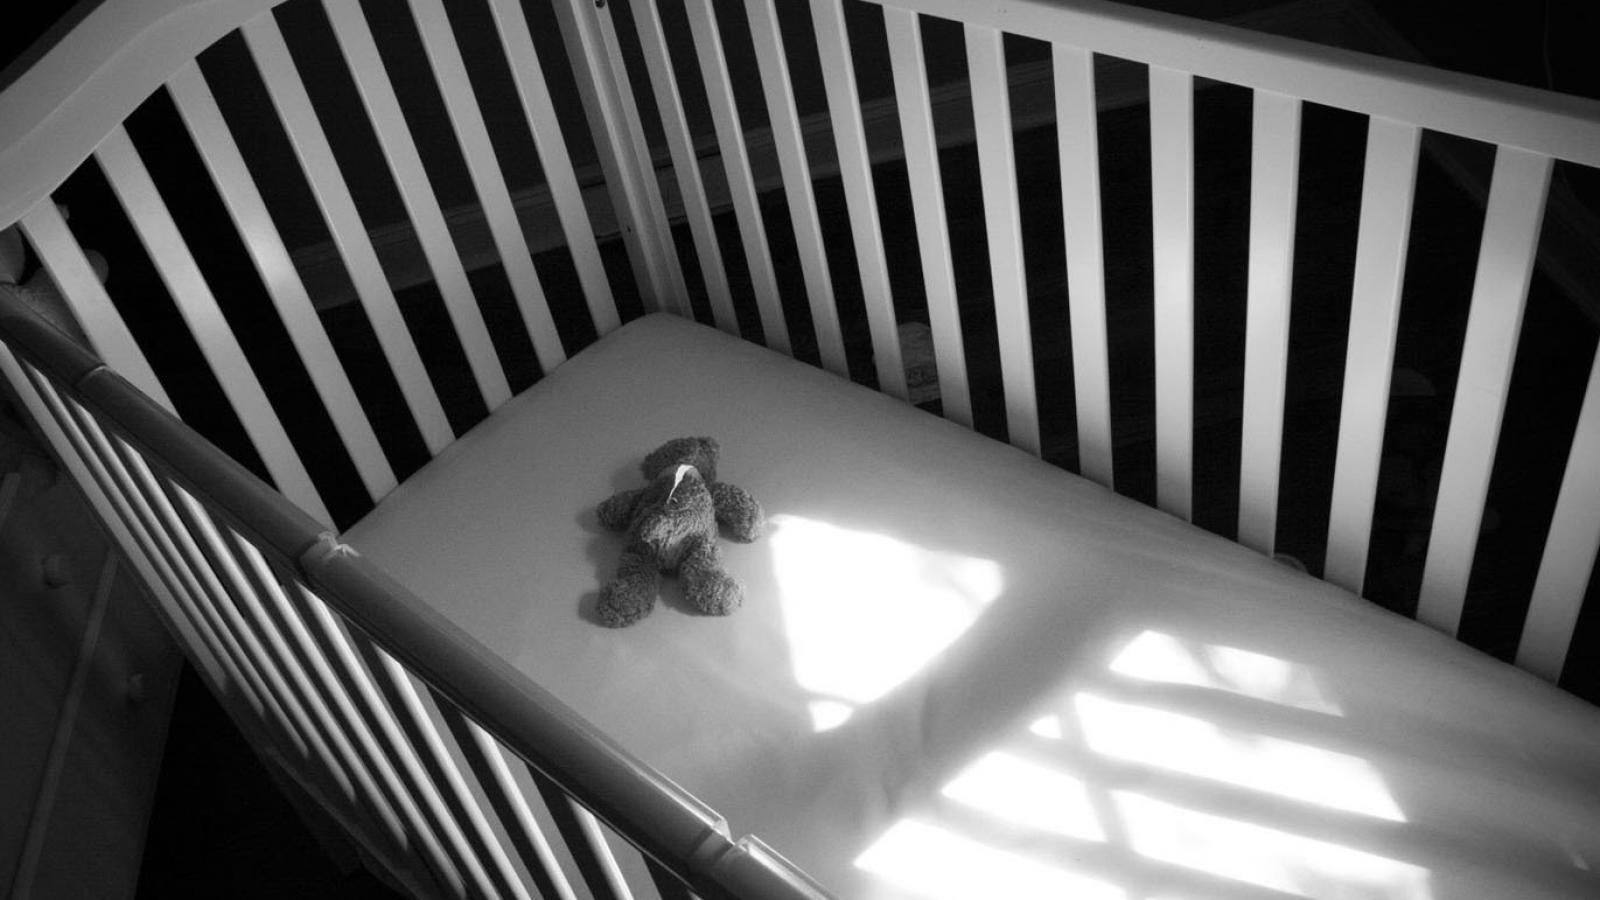 Ребенок умер в своей кроватке